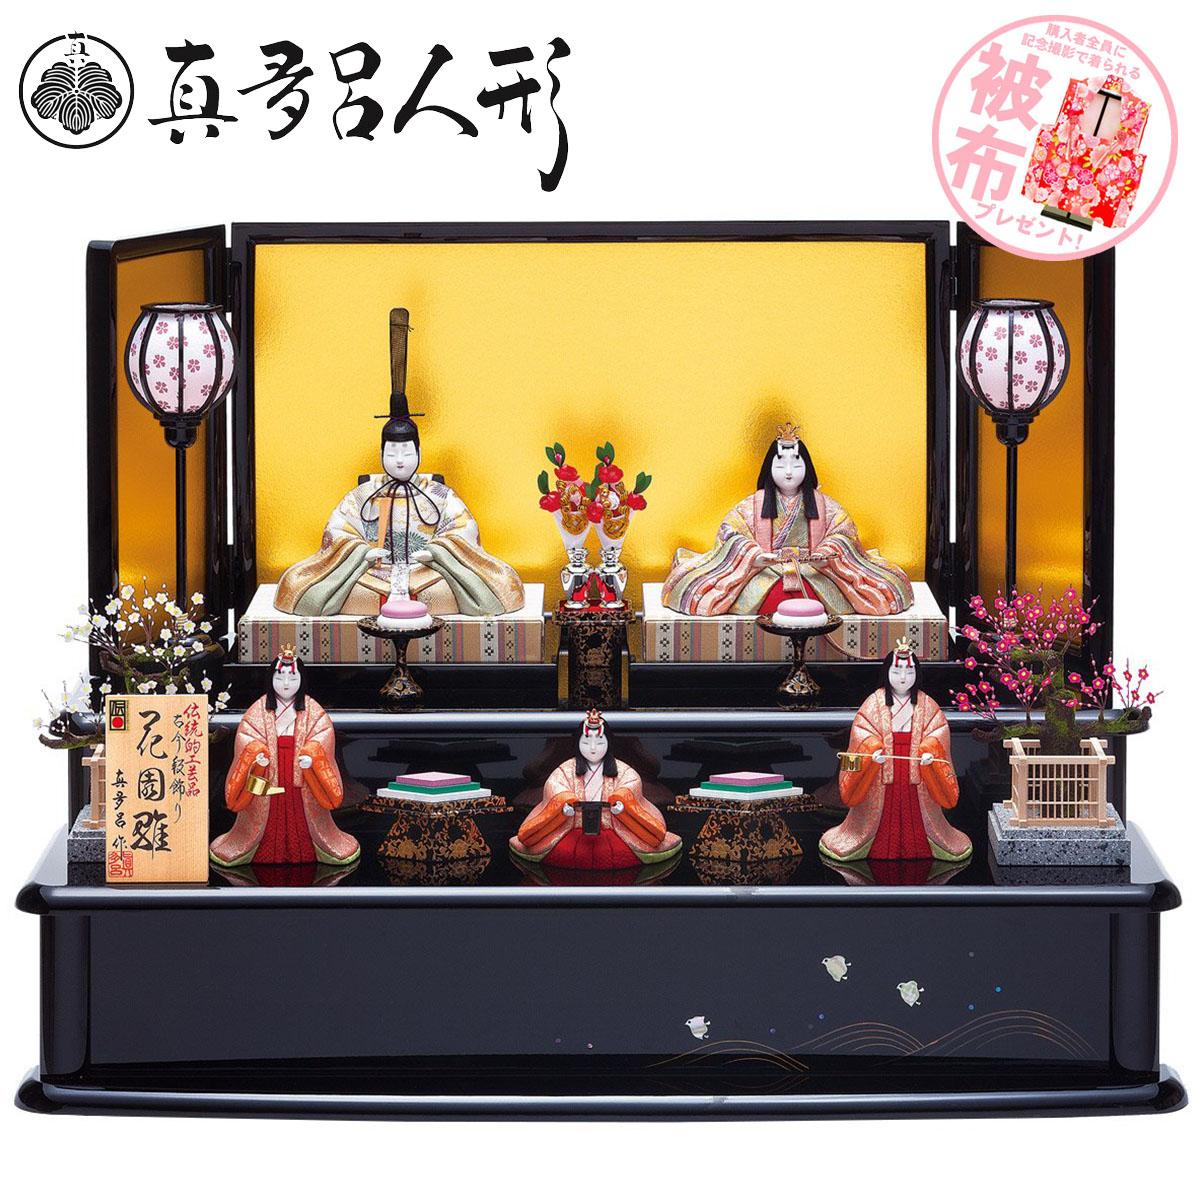 雛人形 2019年 新作 真多呂作 木目込み人形 二段飾り 古今段飾り 花園雛官女付セット 1368-082 ひな人形